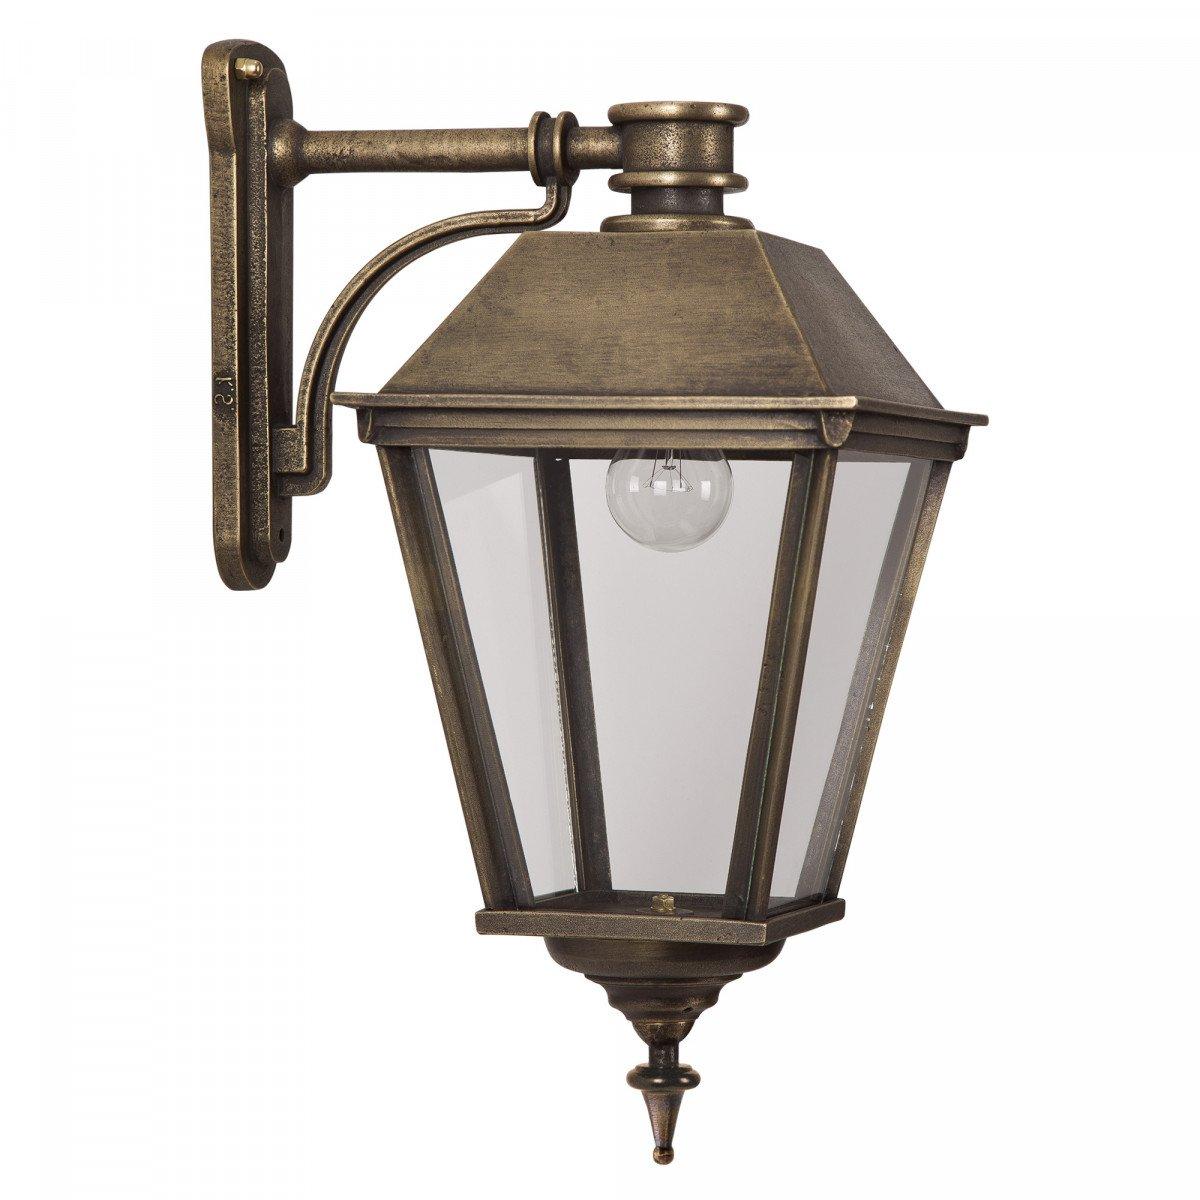 buitenverlichting, klassieke buitenlamp van KS Verlichting, massief bronzen gevellantaarn in strak klassiek landelijke stijl, exclusieve unieke KS verlichting voor aan de gevel, buitenlamp Halle M Brons